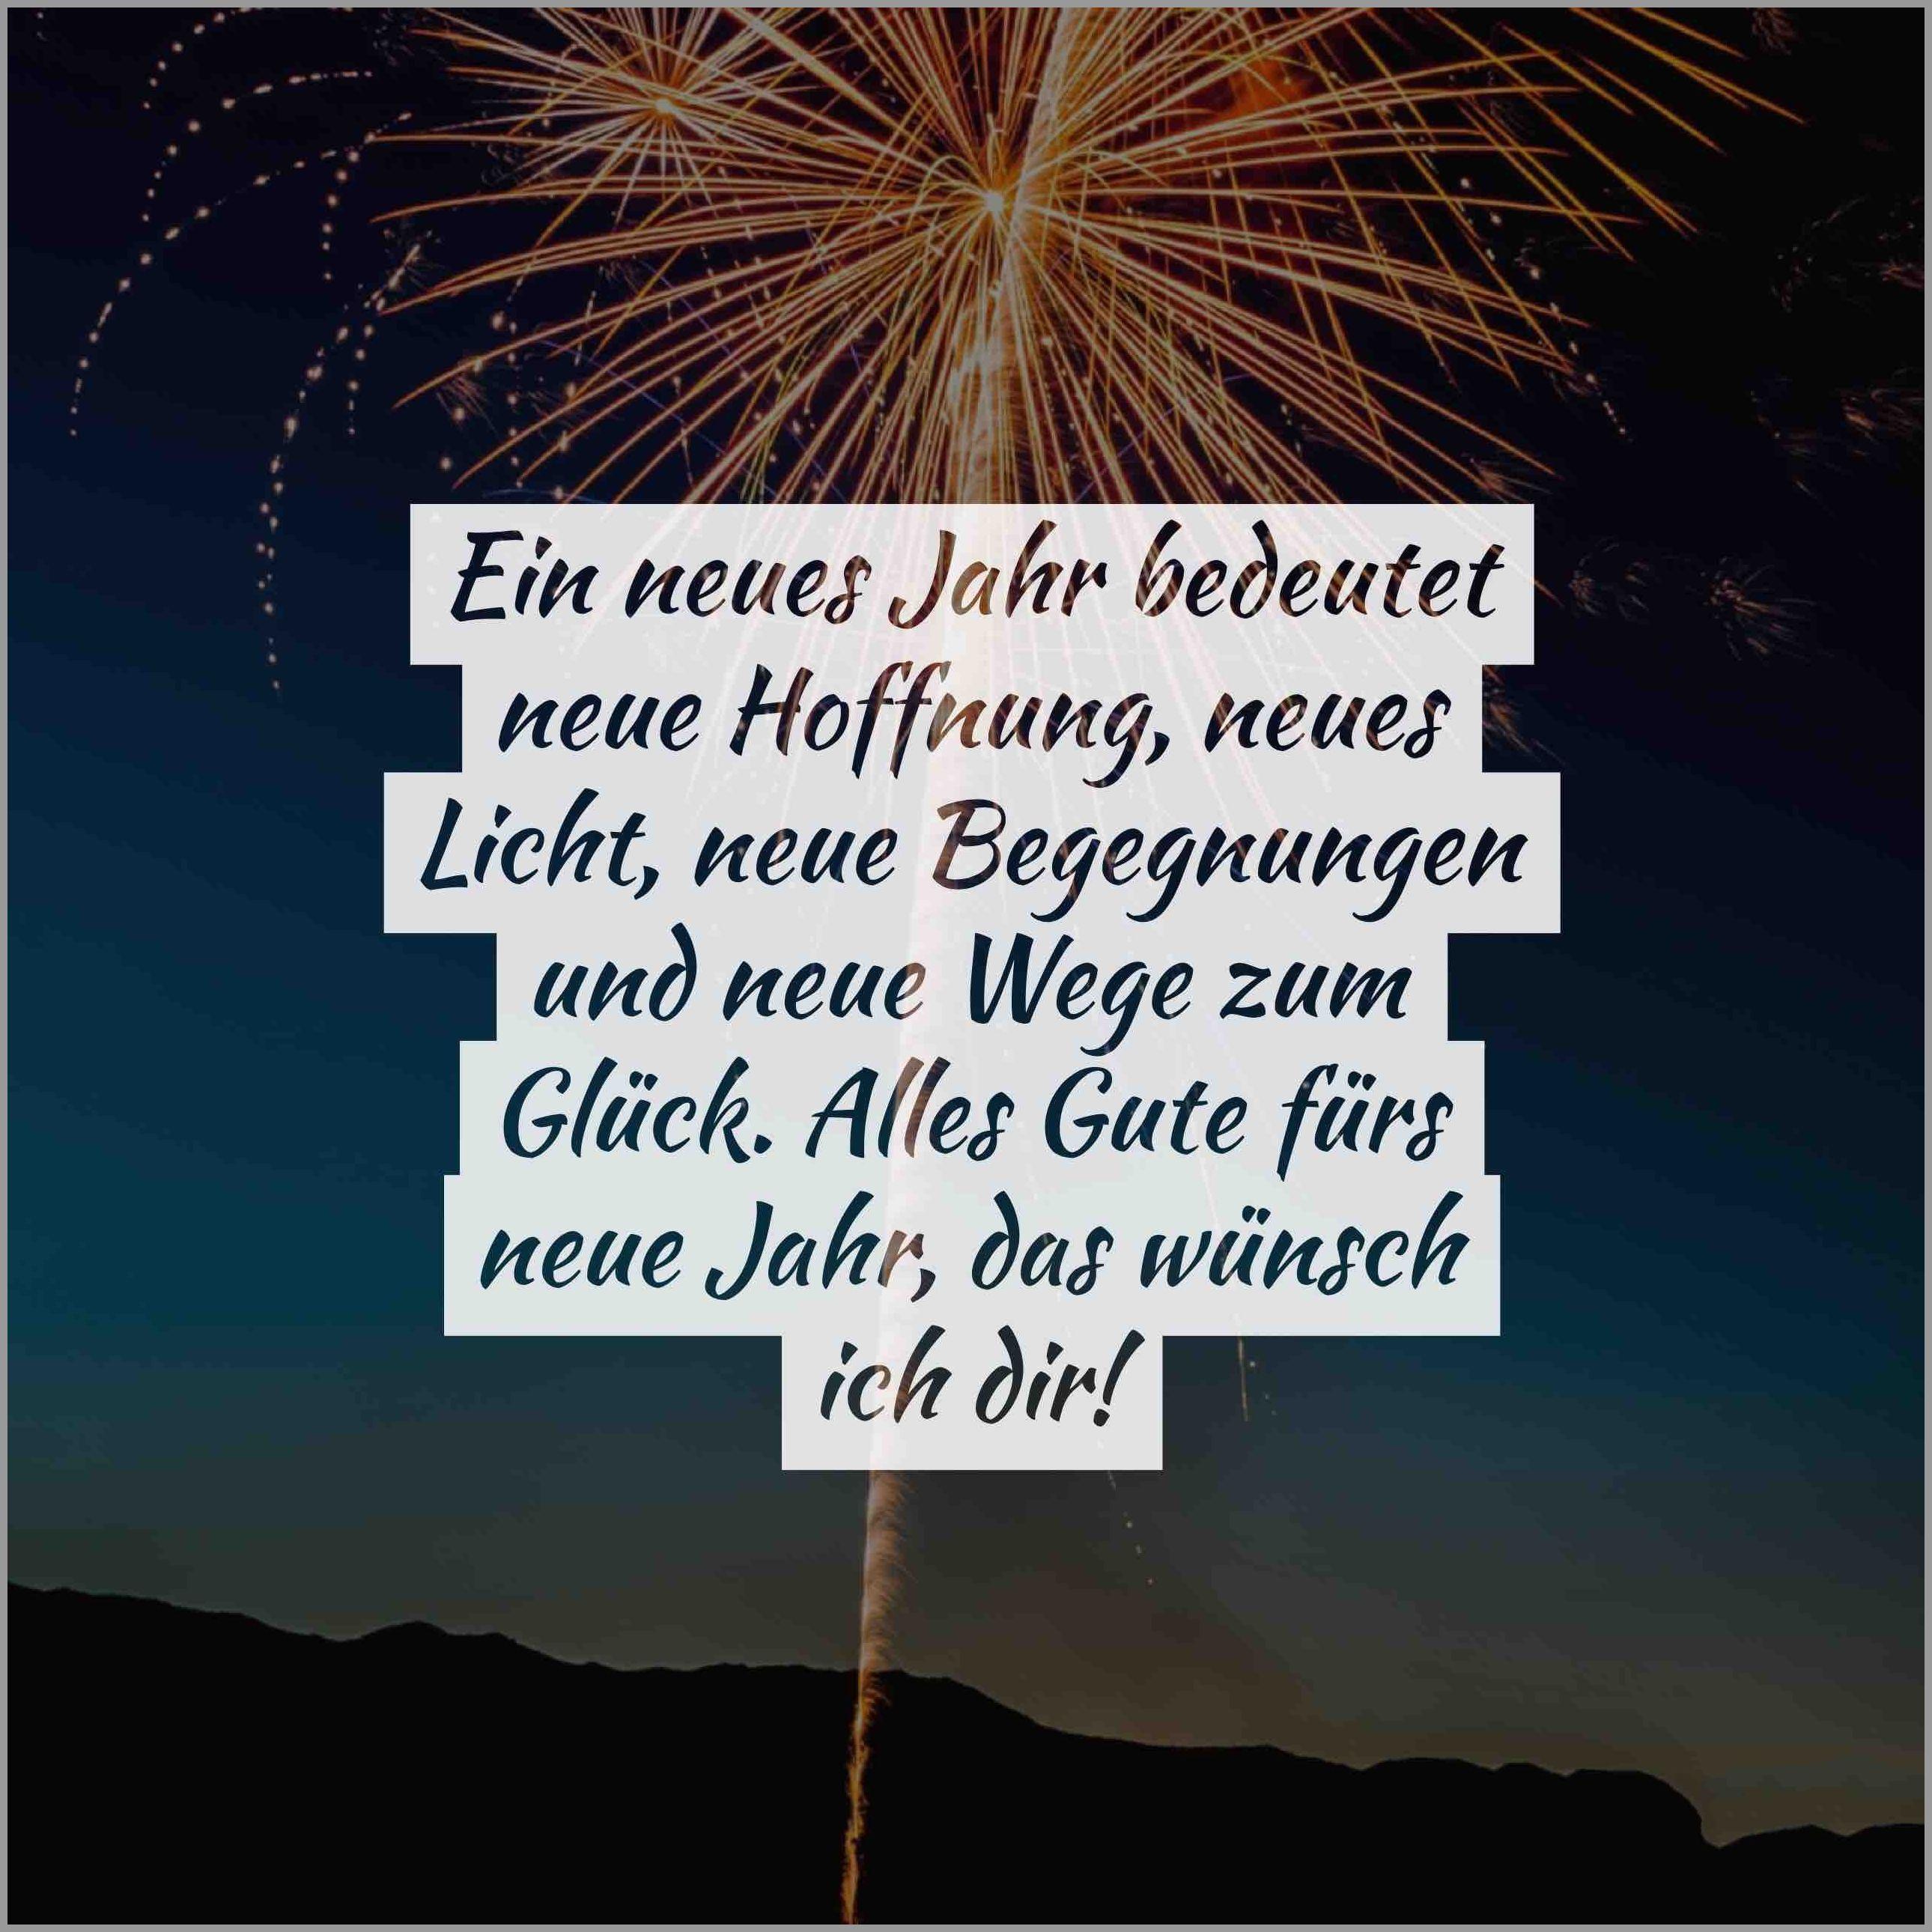 Ein neues jahr bedeutet neue hoffnung neues licht neue begegnungen und neue wege zum glueck alles gute fuers neue jahr das wuensch ich dir - Ein neues jahr bedeutet neue hoffnung neues licht neue begegnungen und neue wege zum glueck alles gute fuers neue jahr das wuensch ich dir